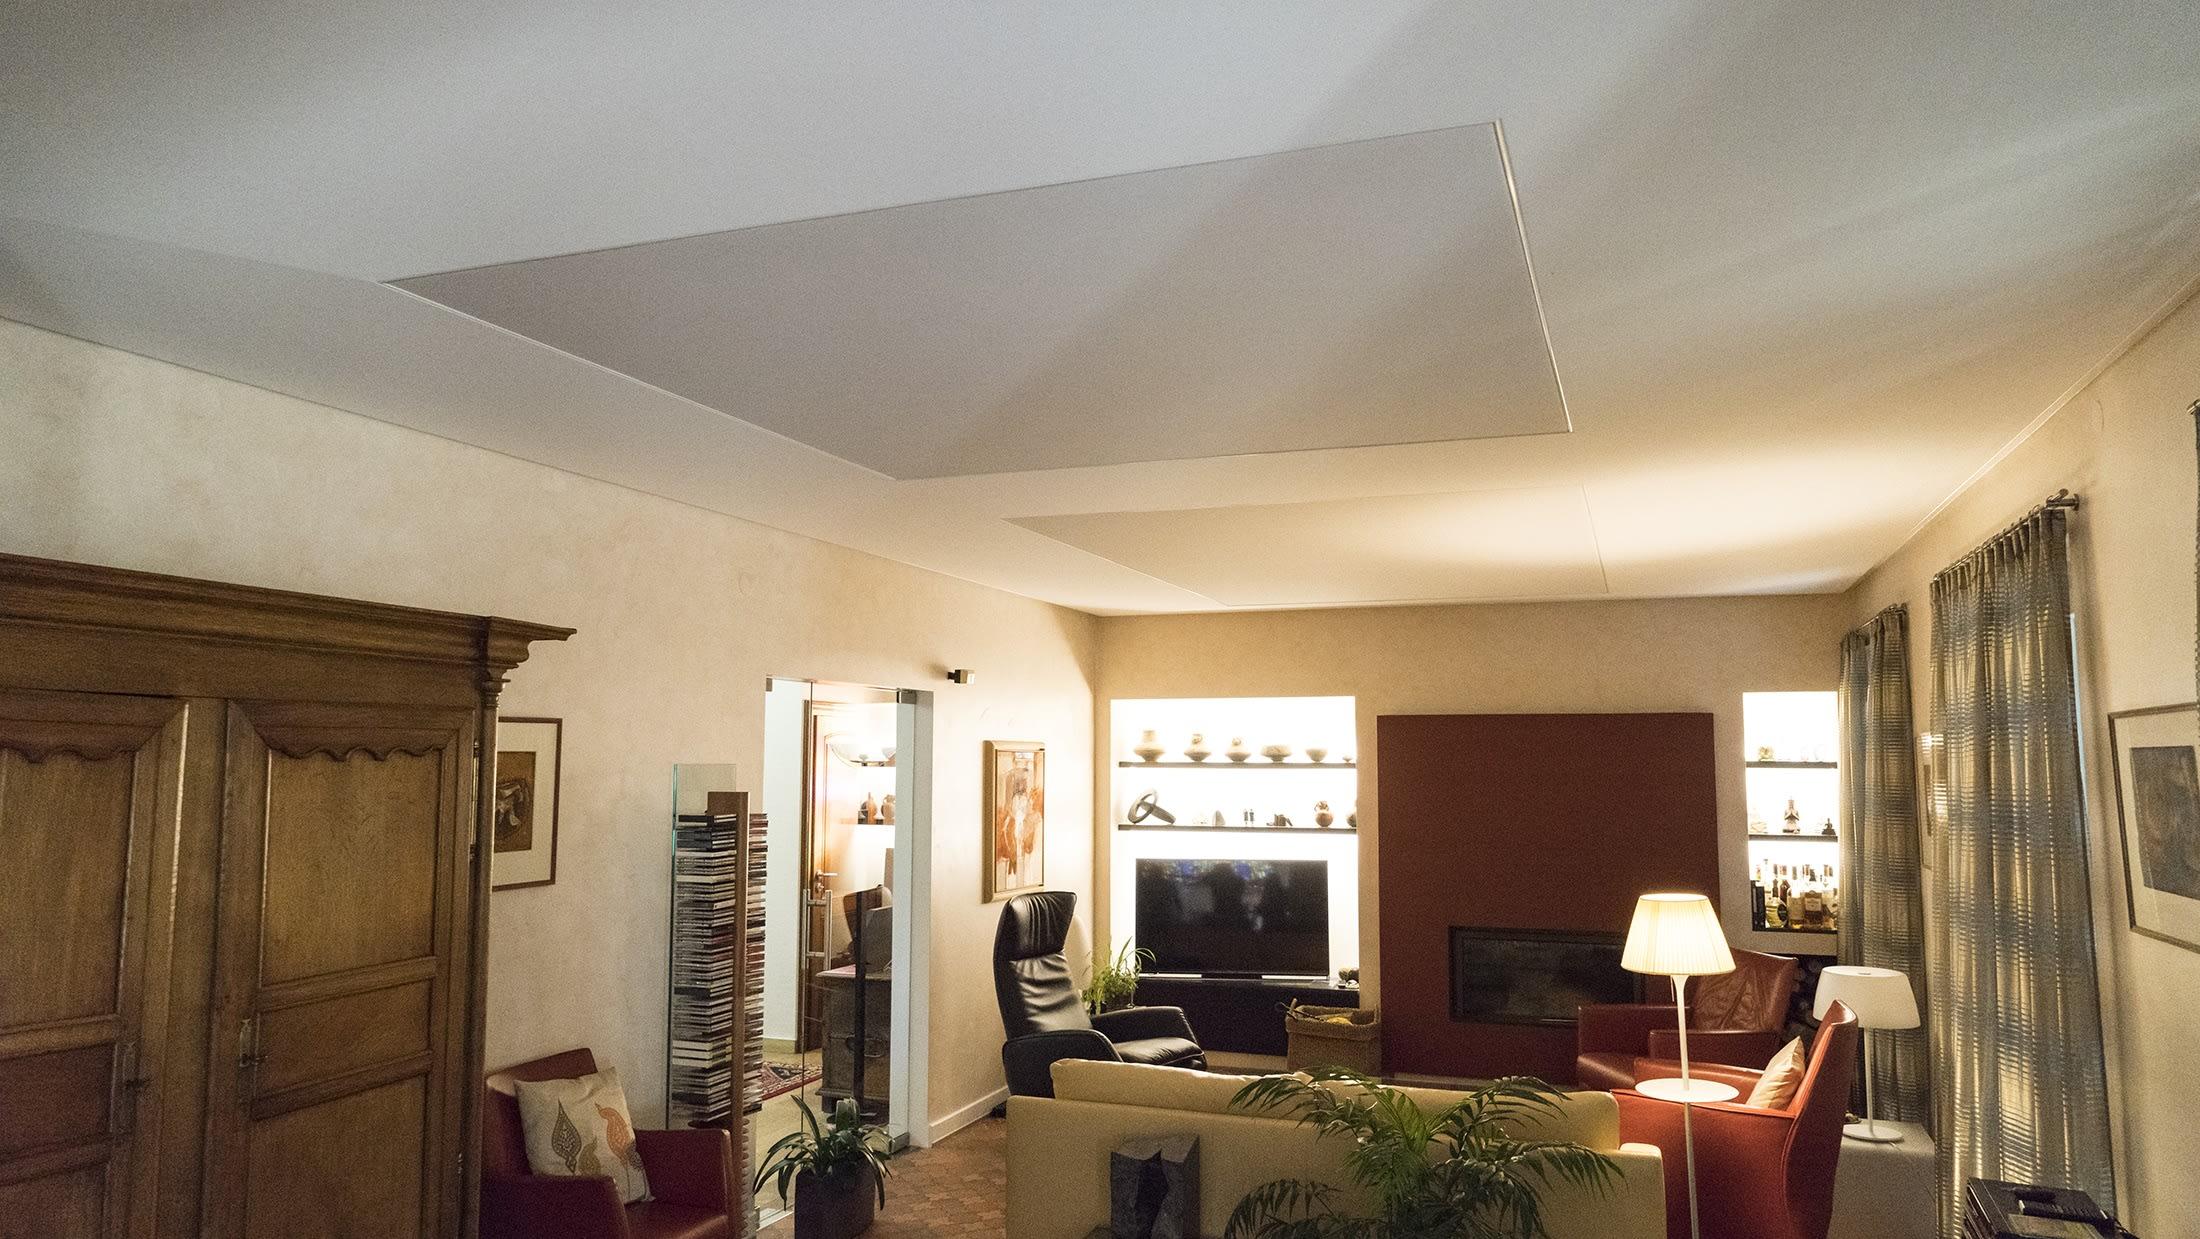 Wohnzimmer nachher mit passiver Beleuchtung